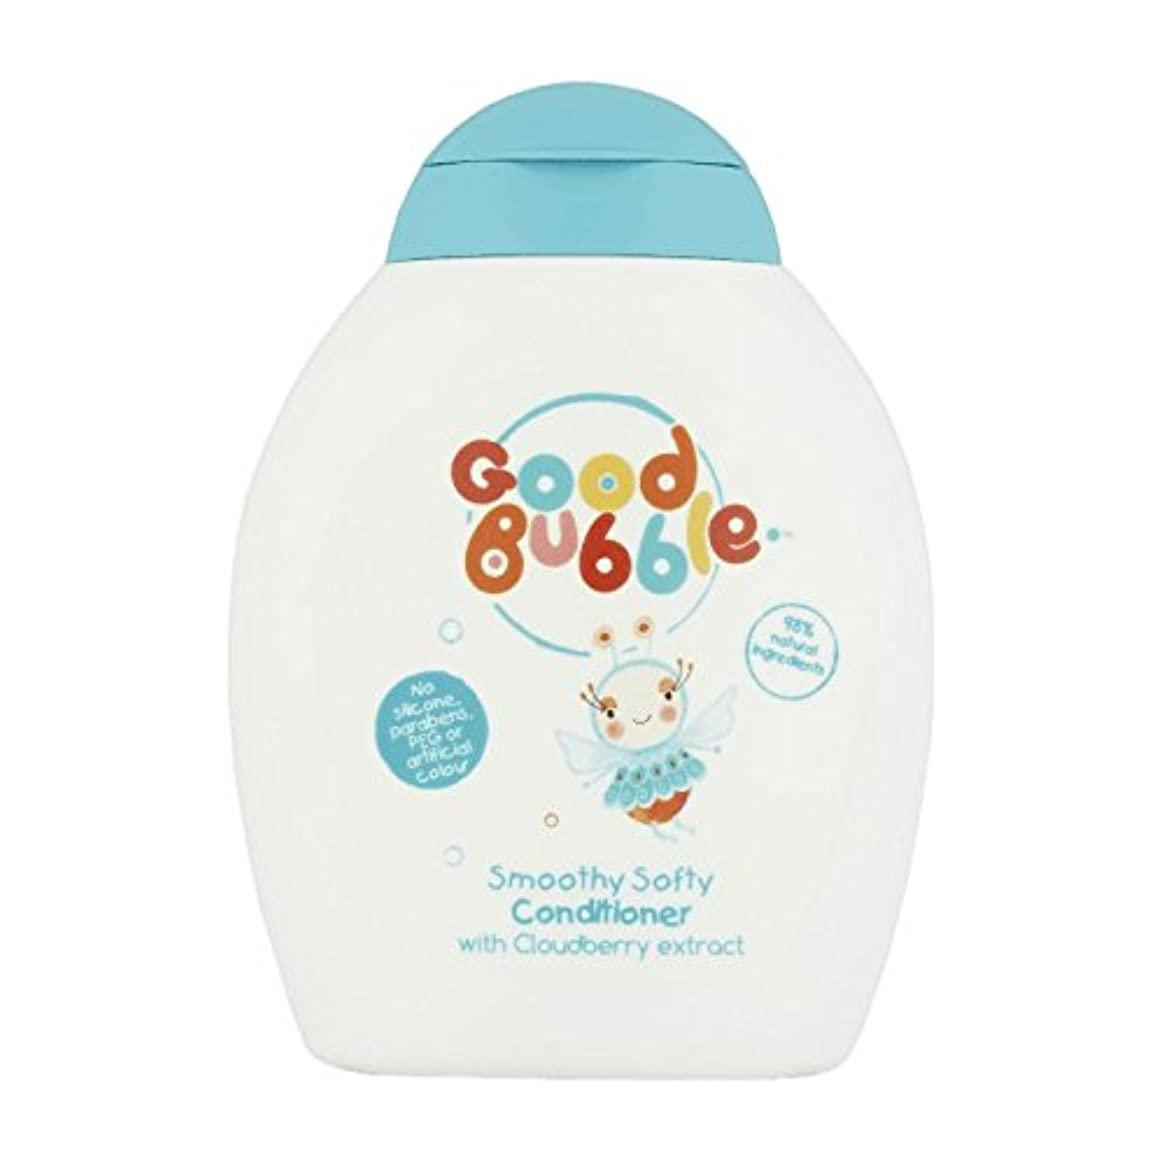 人気巨大な格差Good Bubble Cloudberry Conditioner 250ml (Pack of 2) - 良いバブルクラウドベリーコンディショナー250ミリリットル (x2) [並行輸入品]